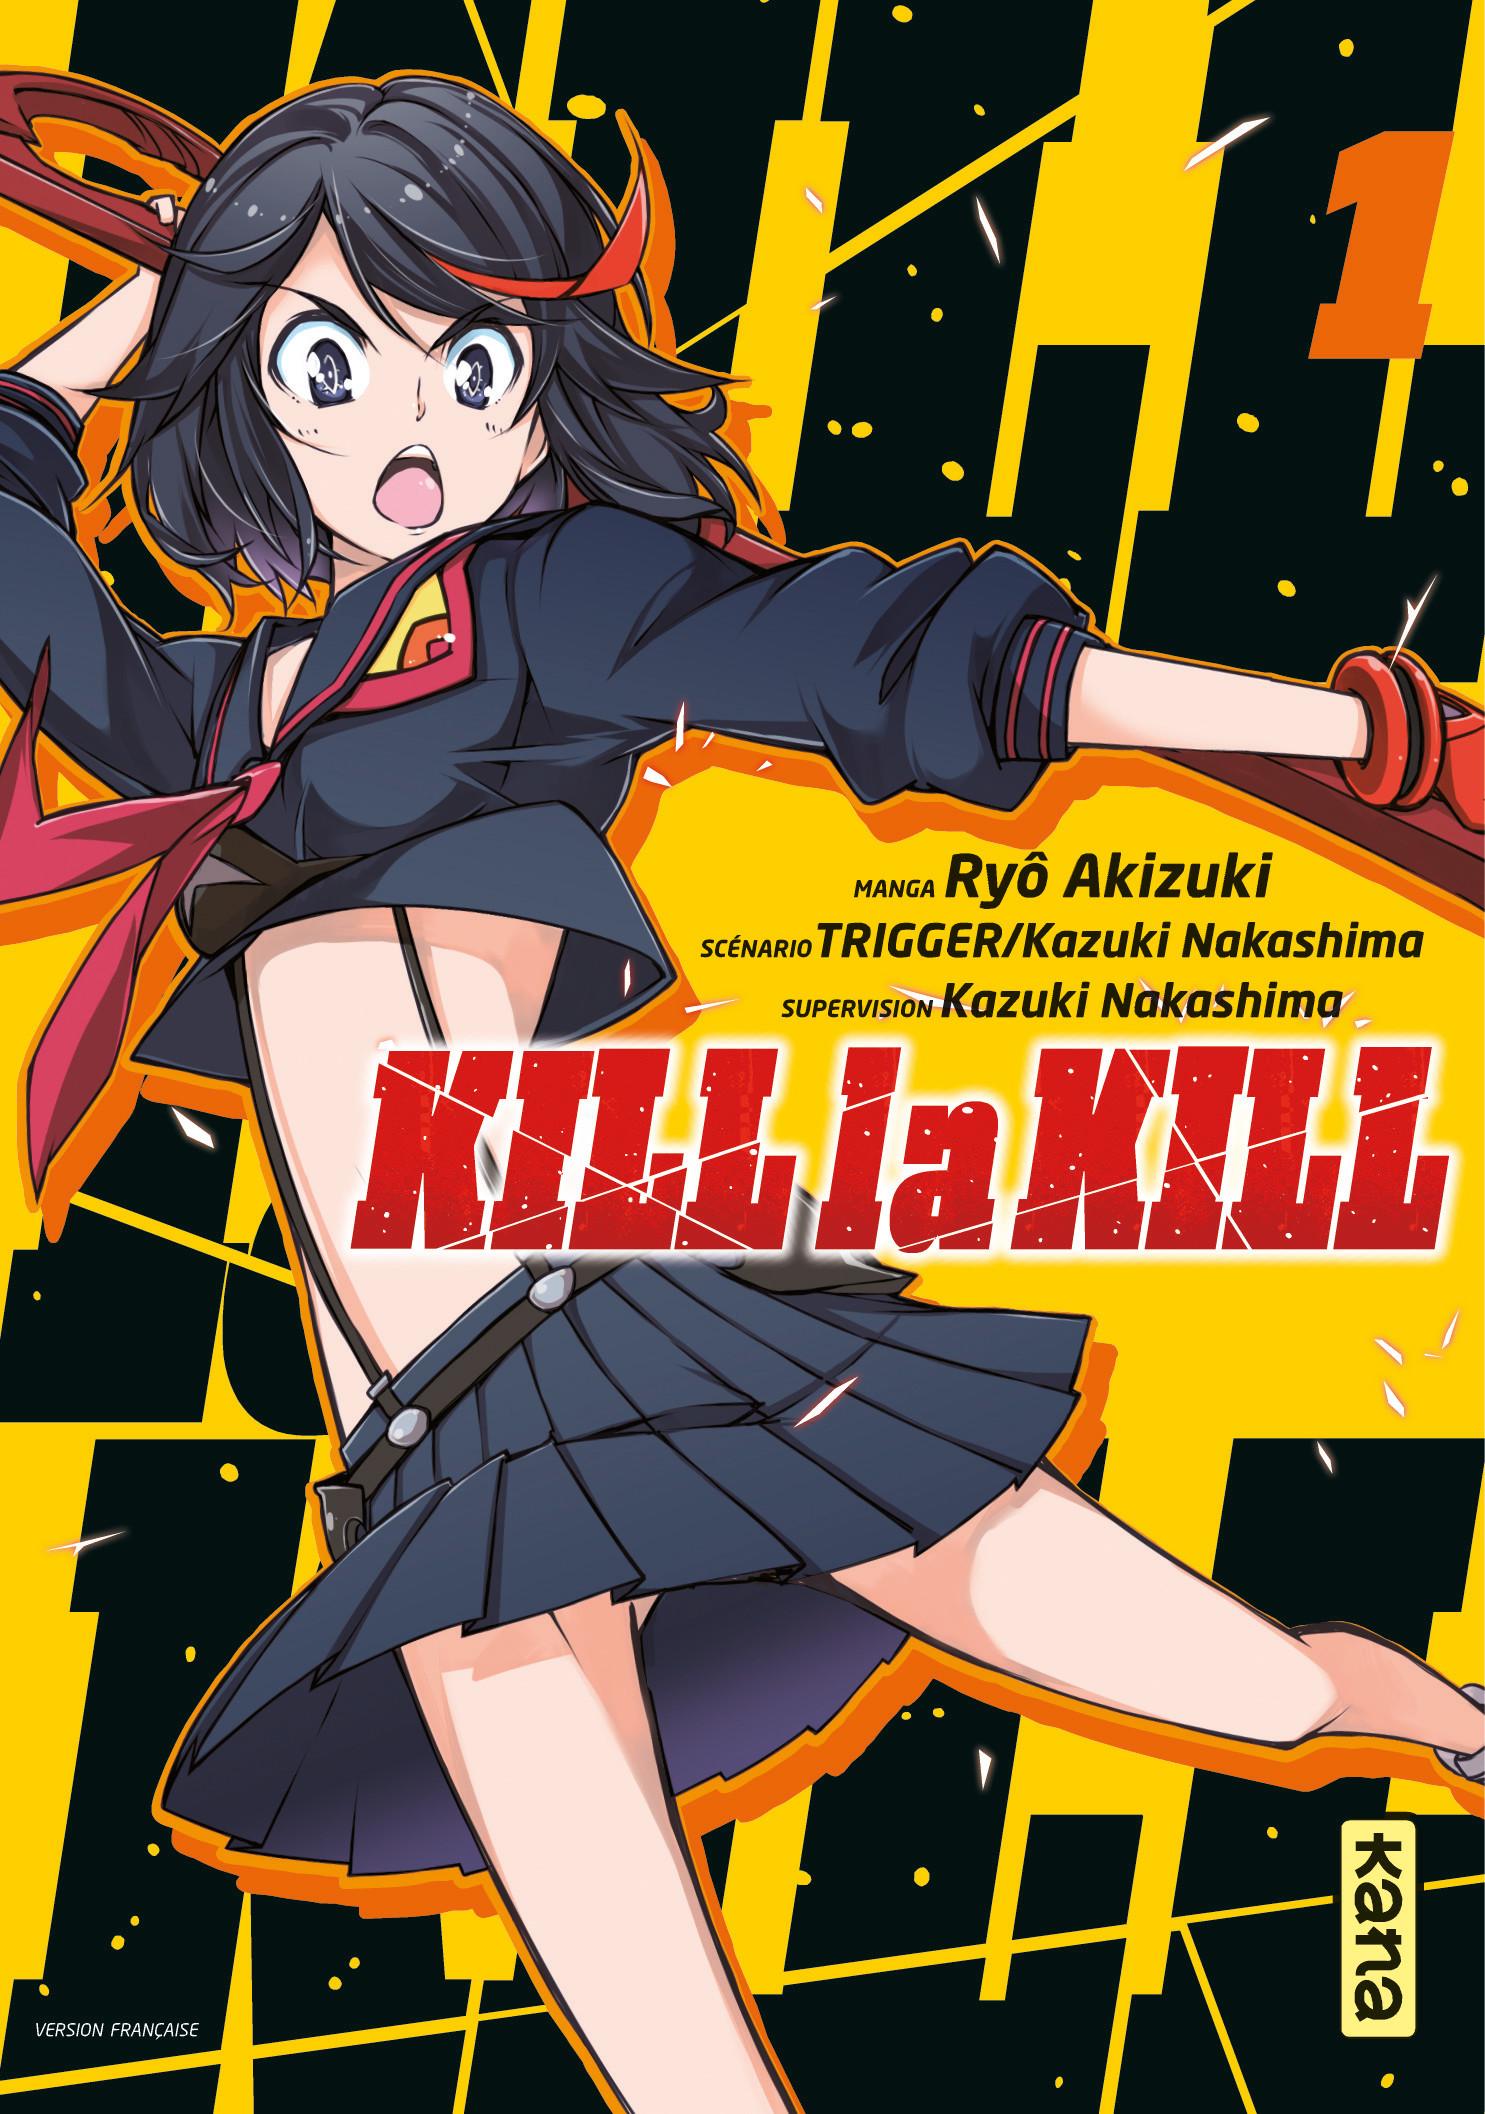 [ANIME/MANGA] Kill la Kill - Page 2 Kill-la-kill-vol1-kadokawa